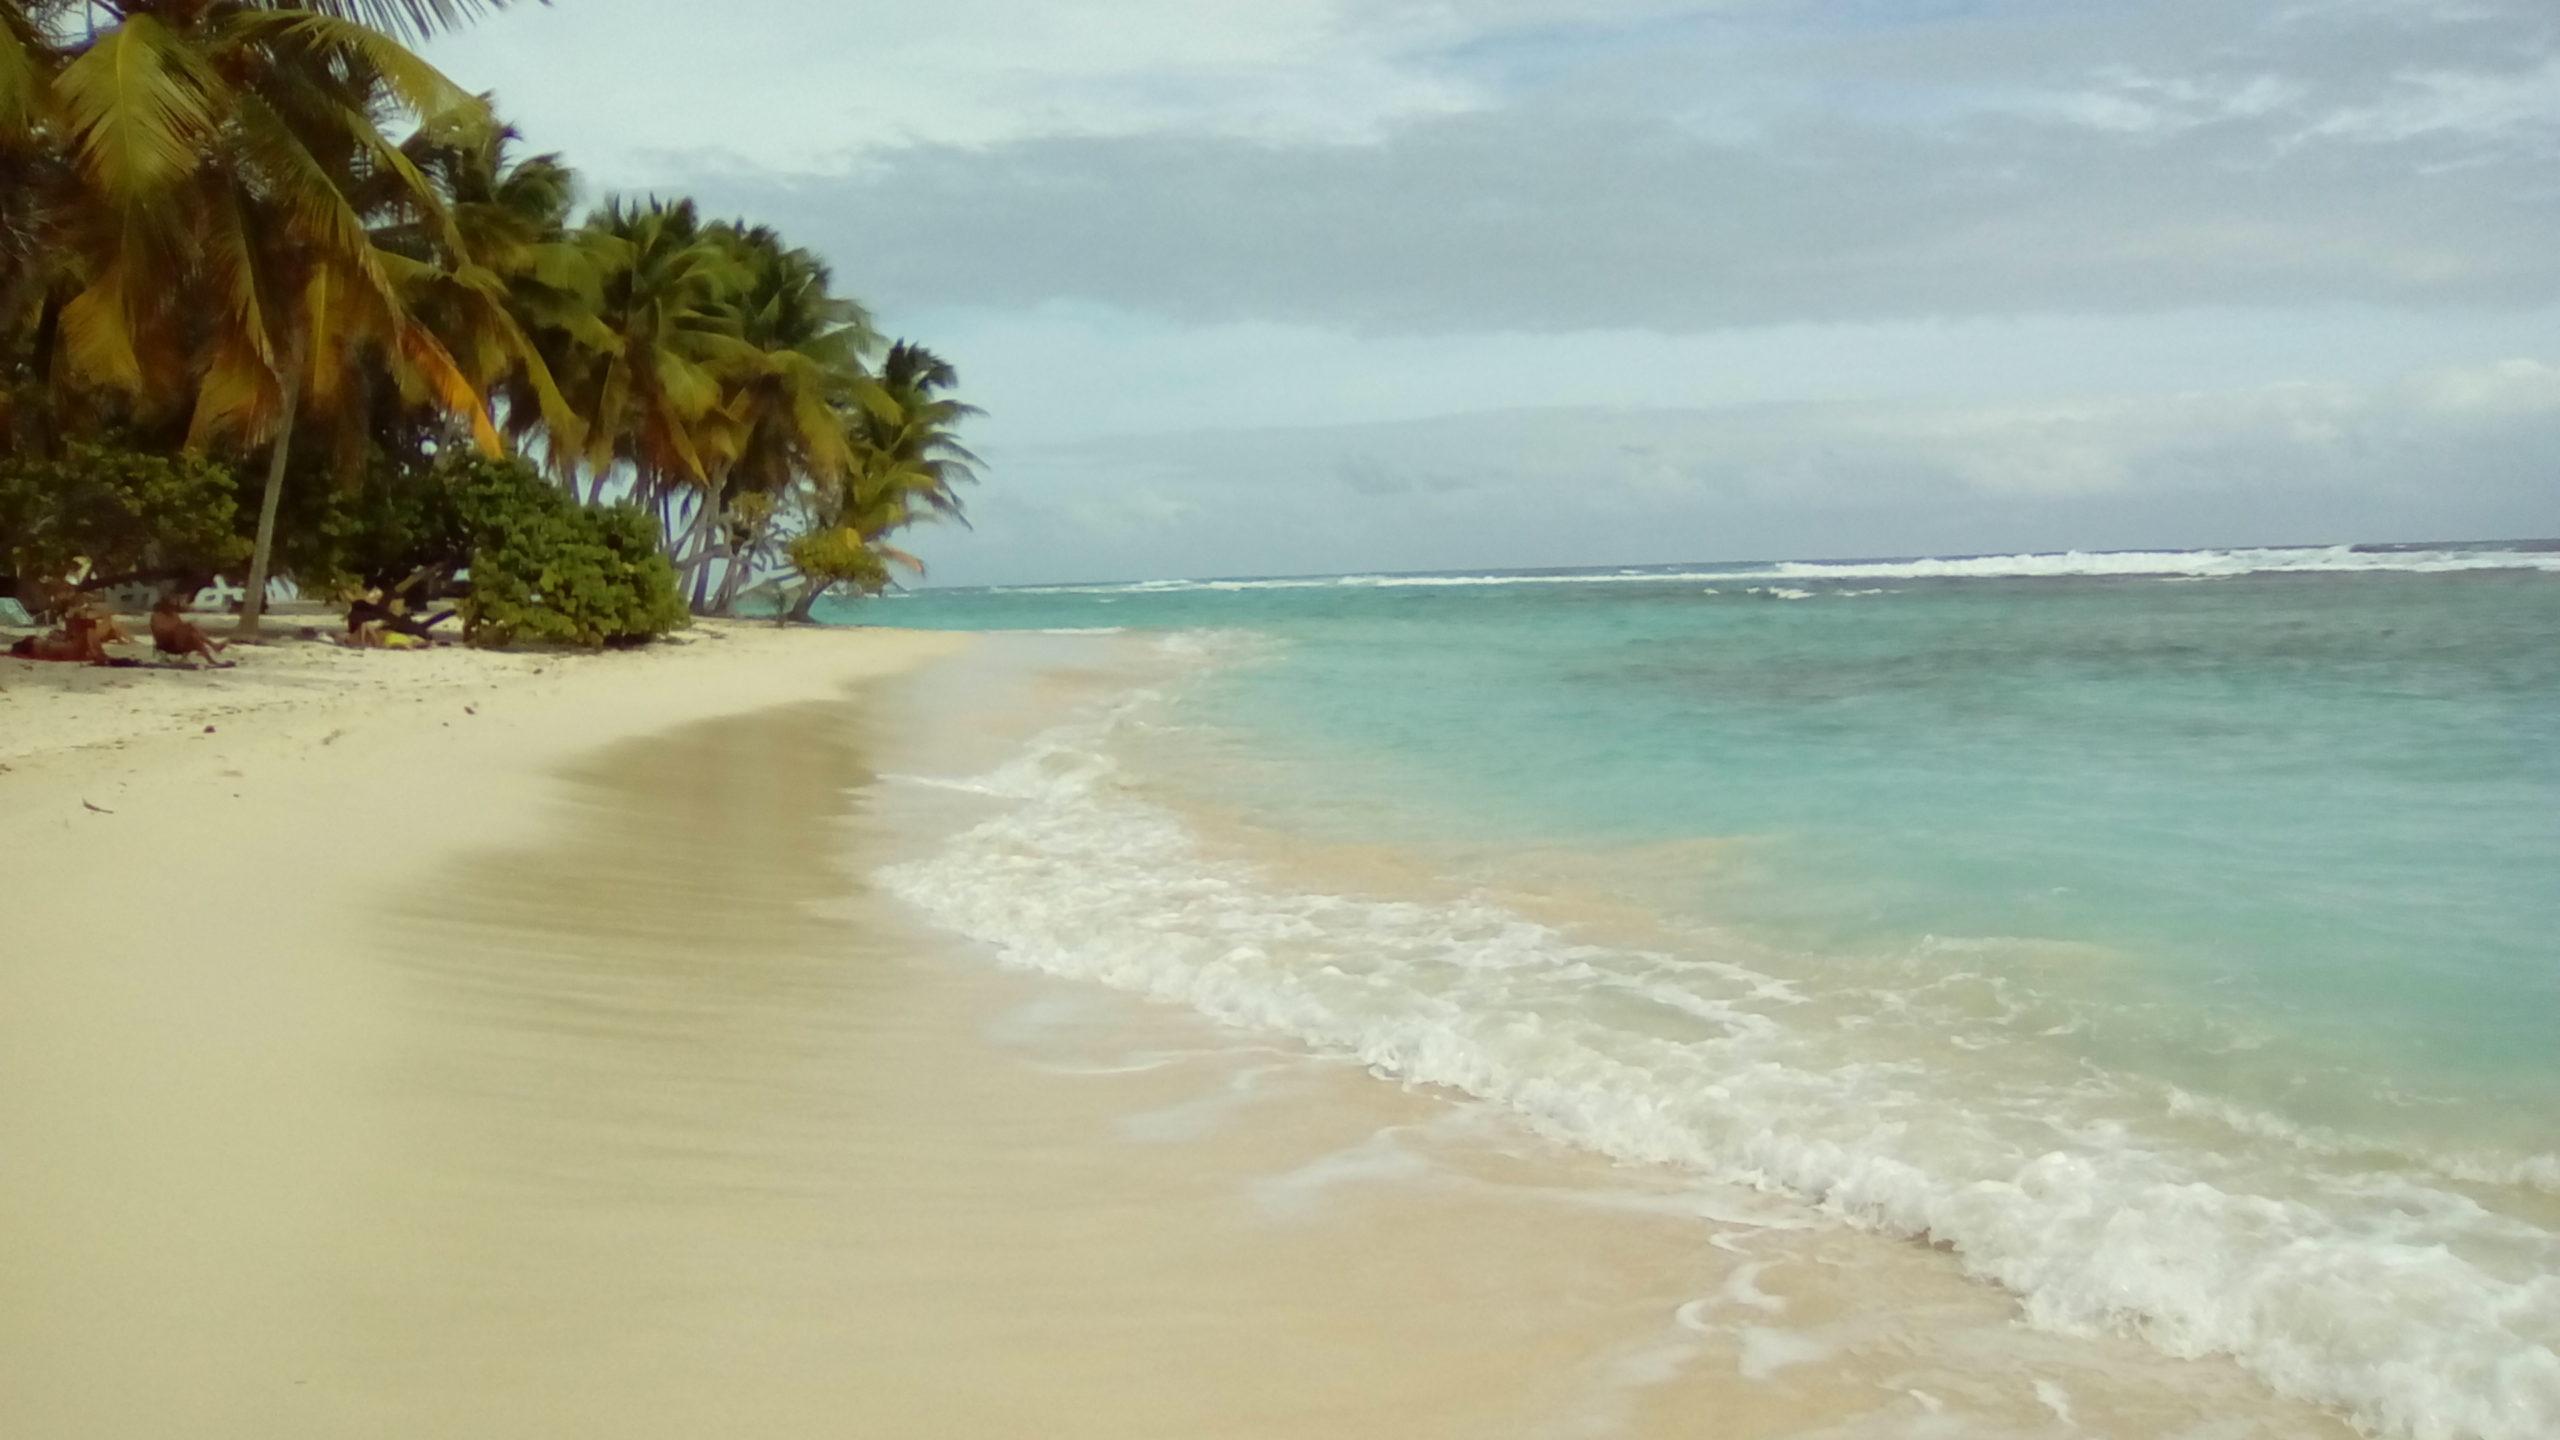 L'isola di Marie Galante sfiora la perfezione